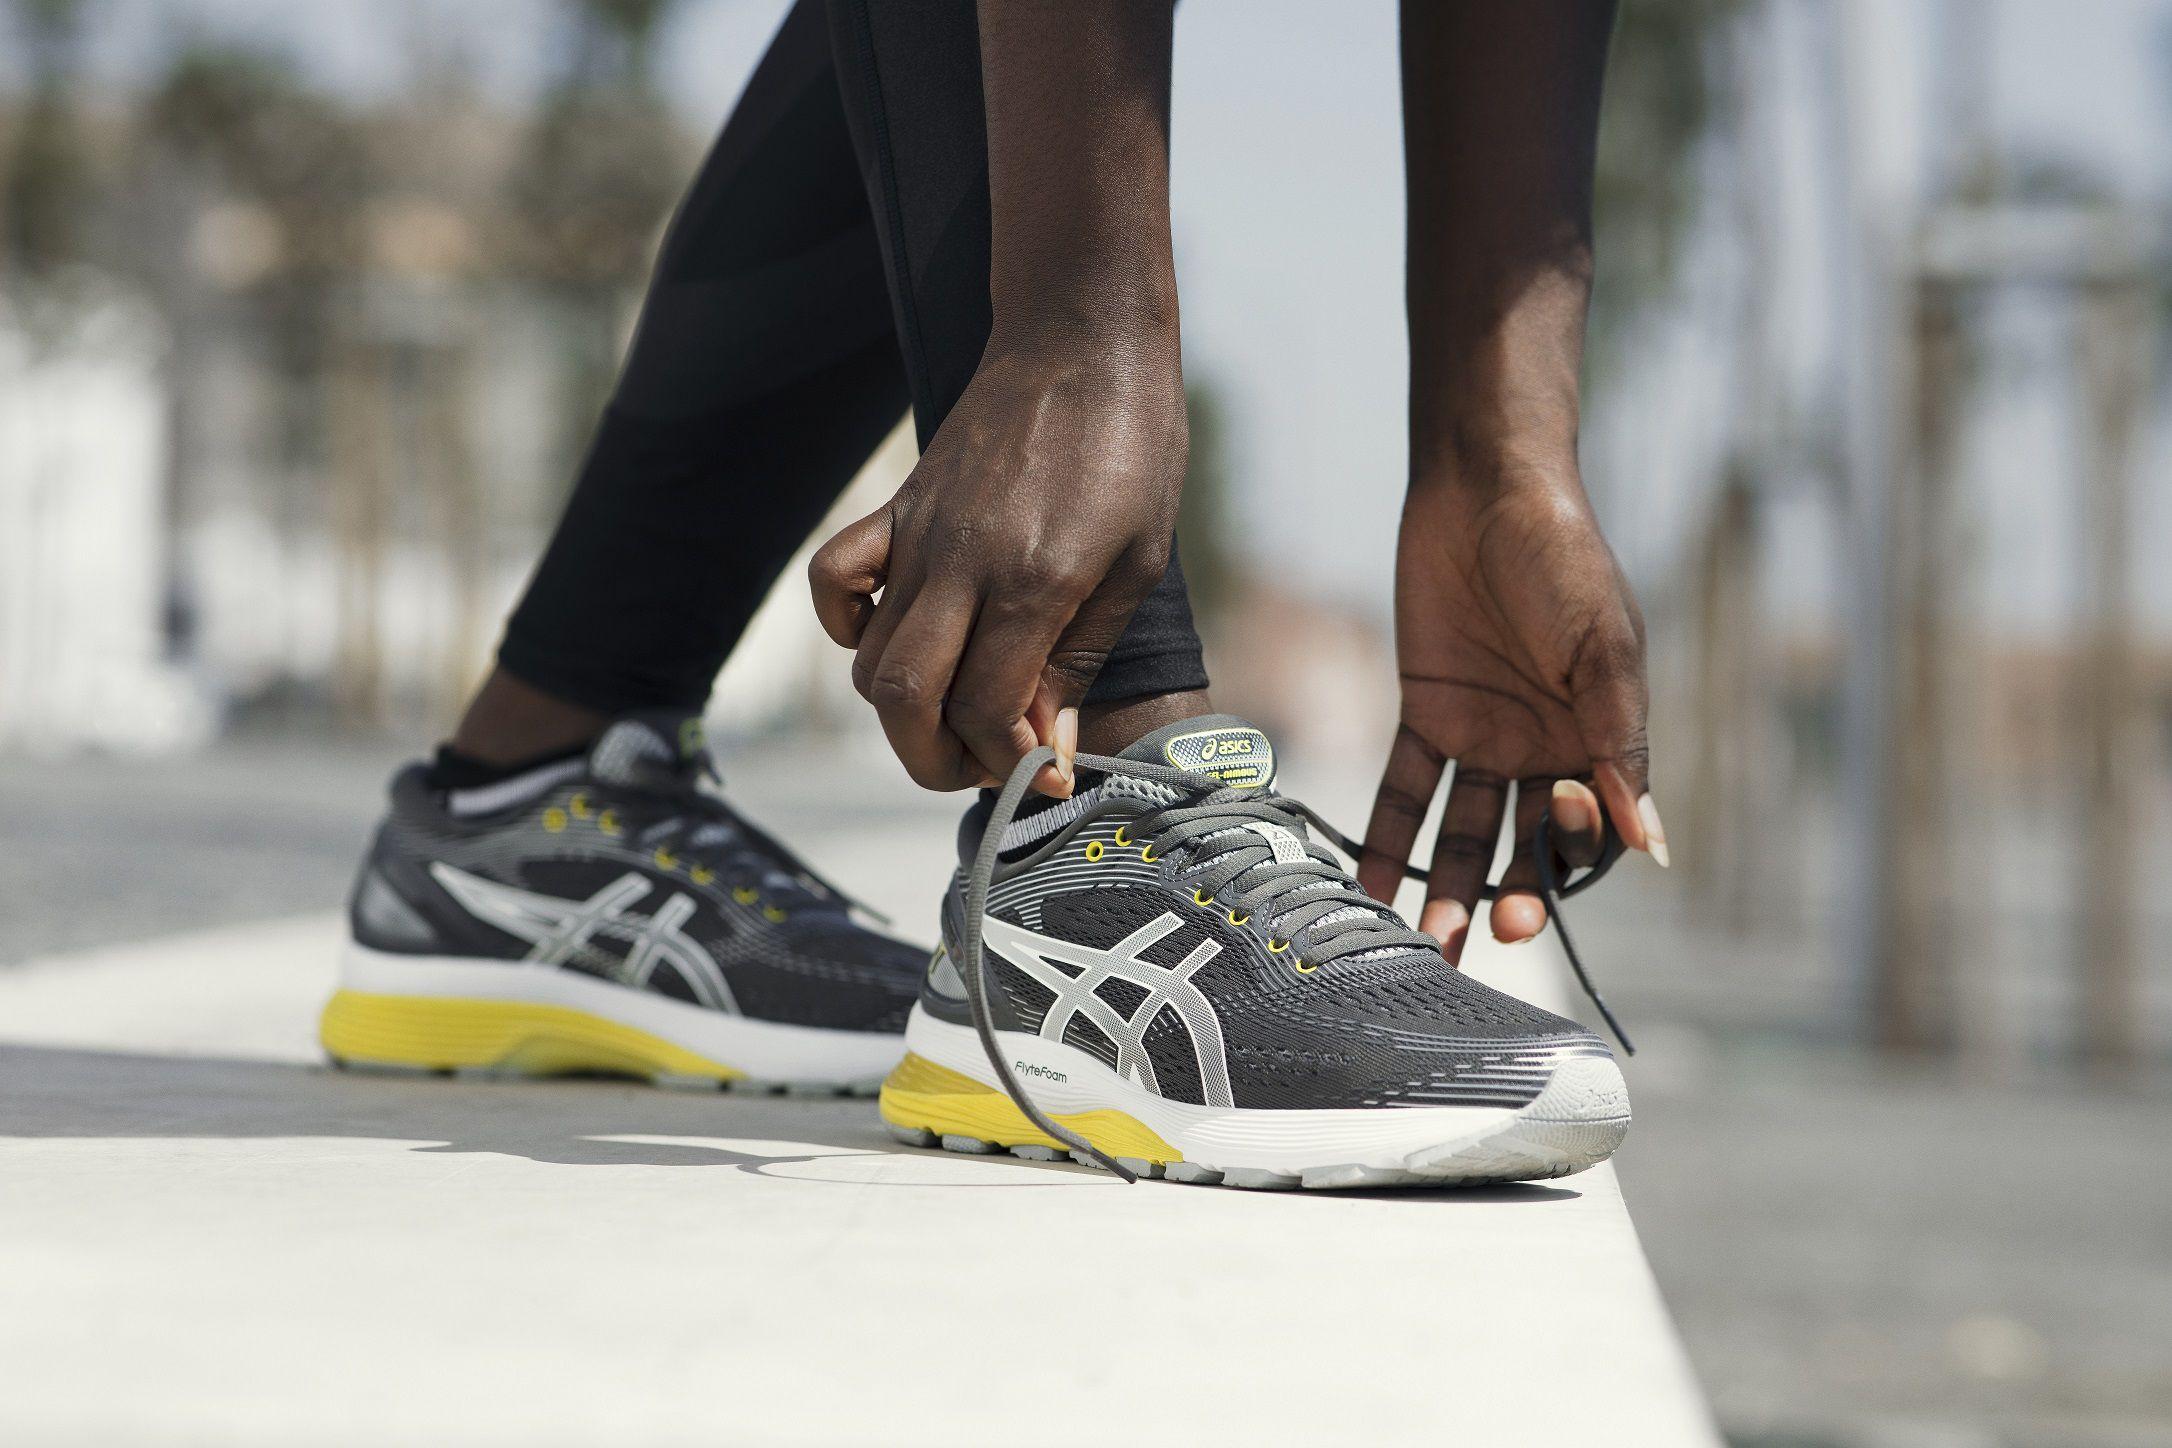 9410970dbeba Comparatif : les 7 meilleures chaussures de running | Blog | Alltricks